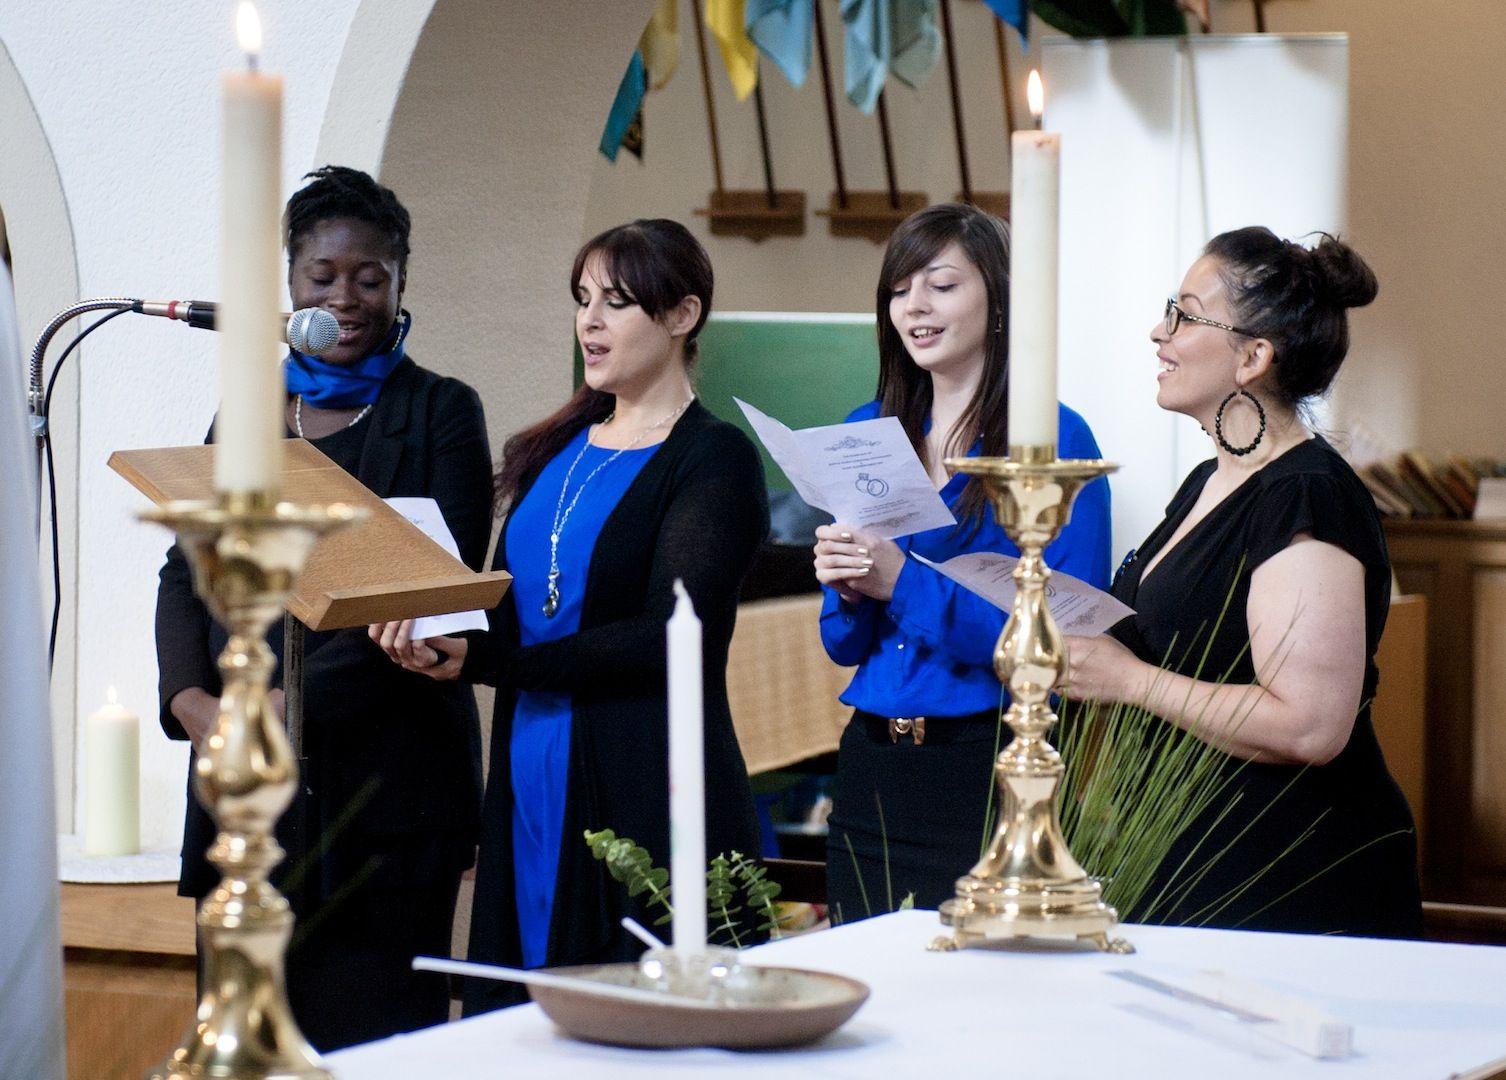 A Gospel Choir For Hire Transforms Church Weddings